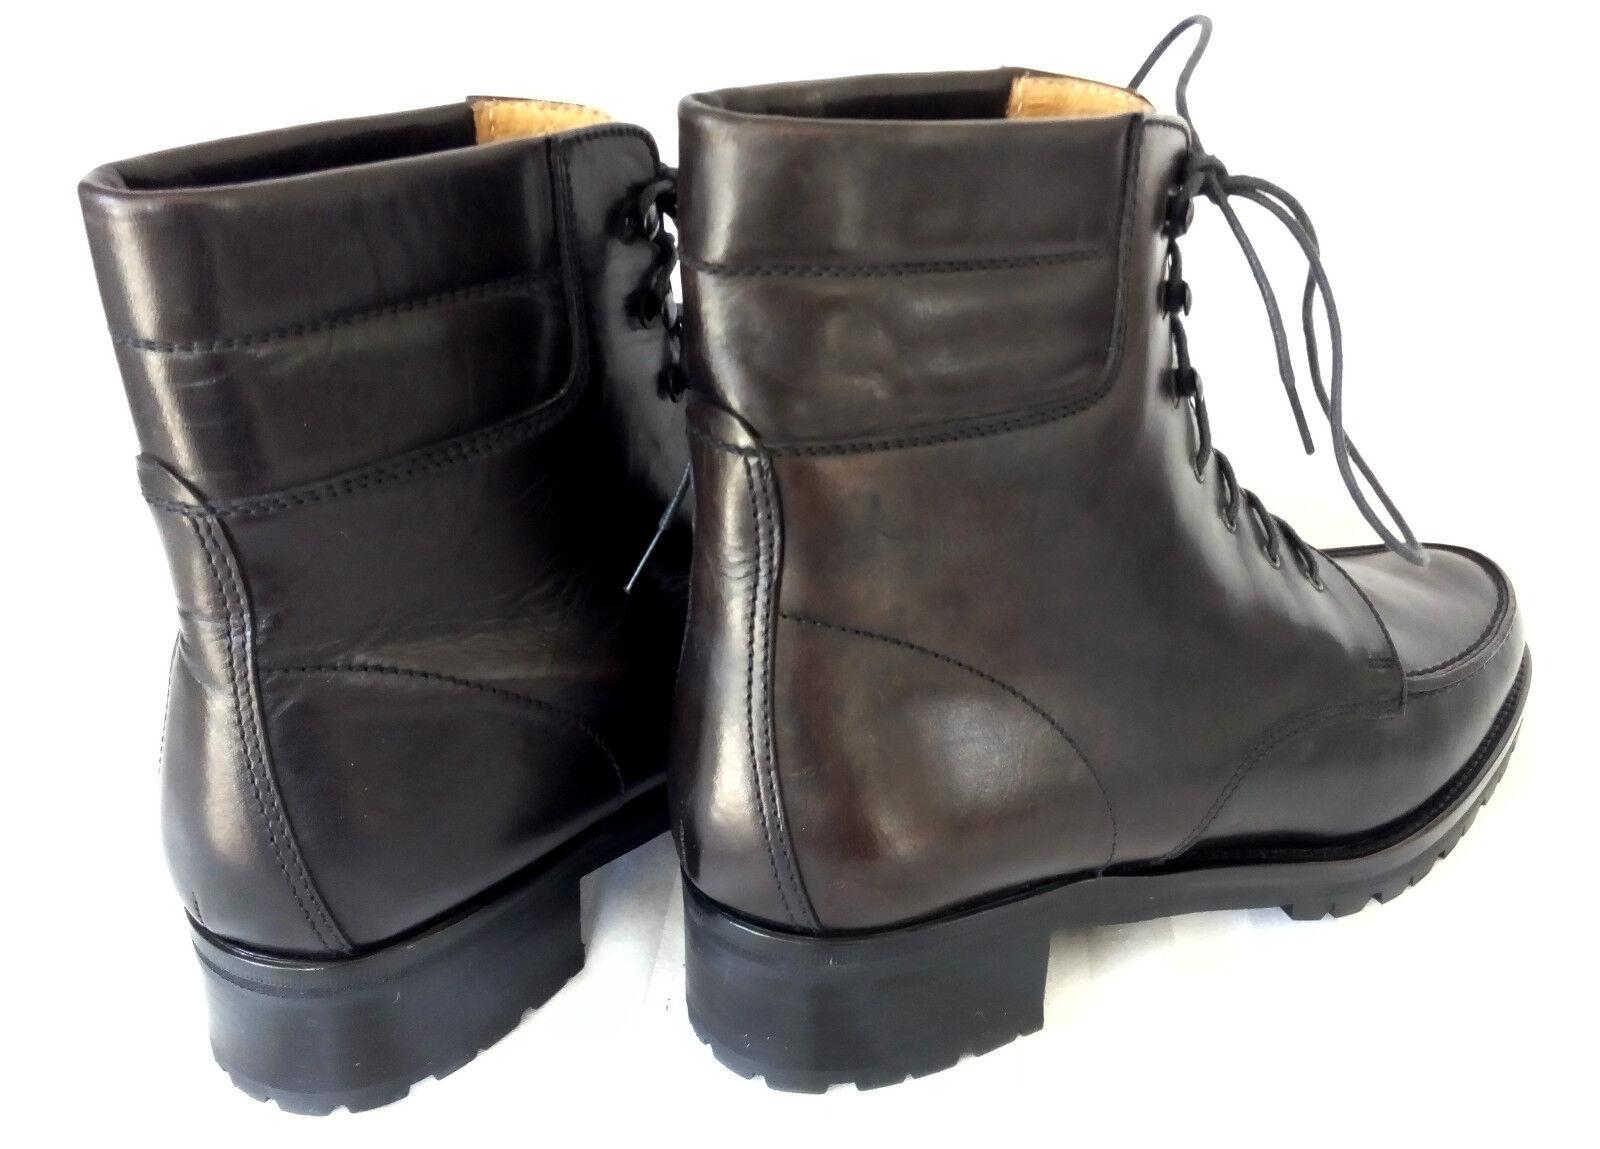 Grand Step señora botas botines teñido negro teñido botines trapecios talla 38 como nuevo 54a0cb